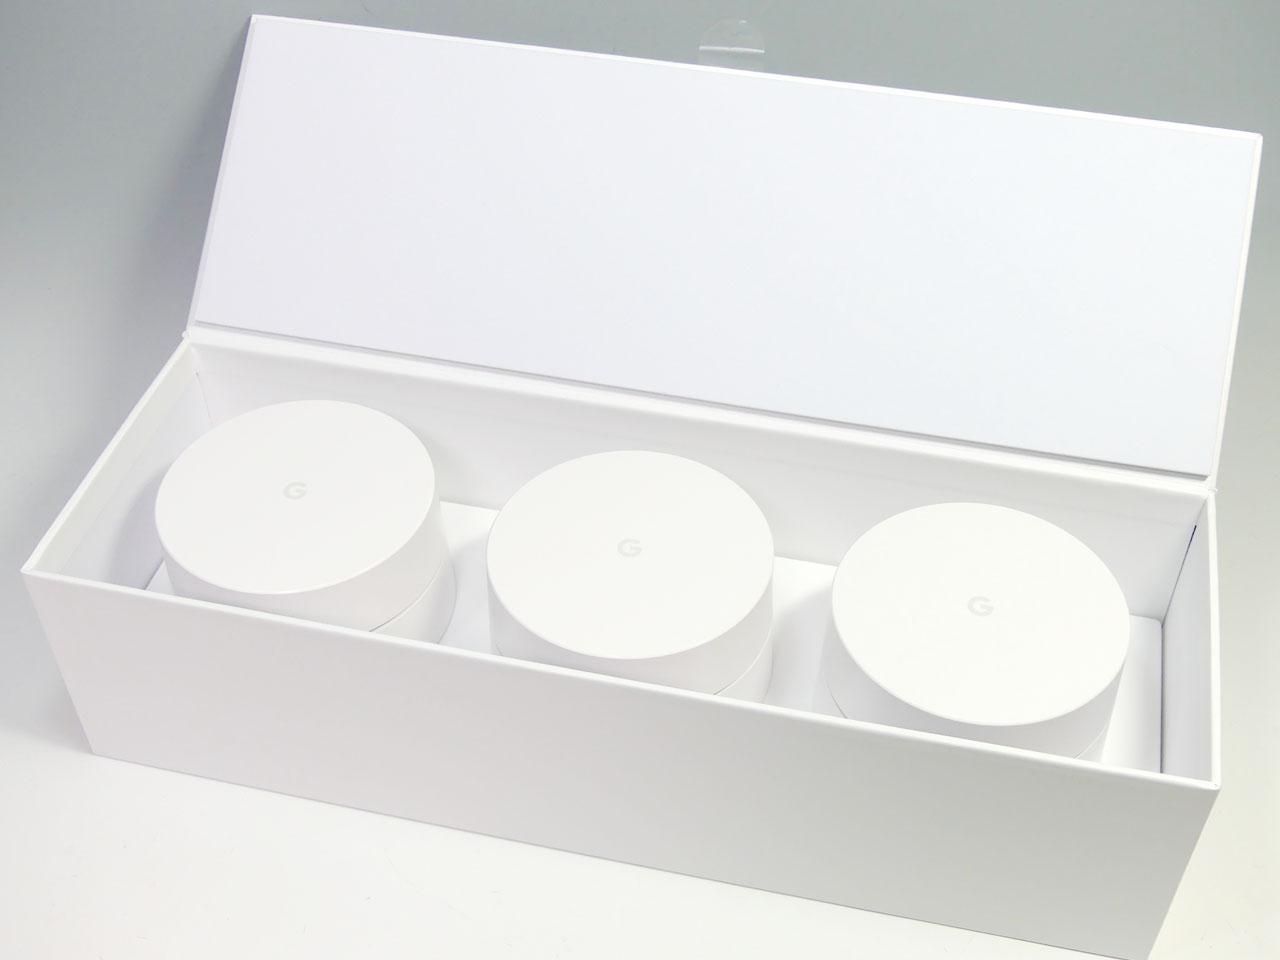 Googleが日本市場へ投入したGoogle Wifi。今回テストしたのは3台セットのモデル